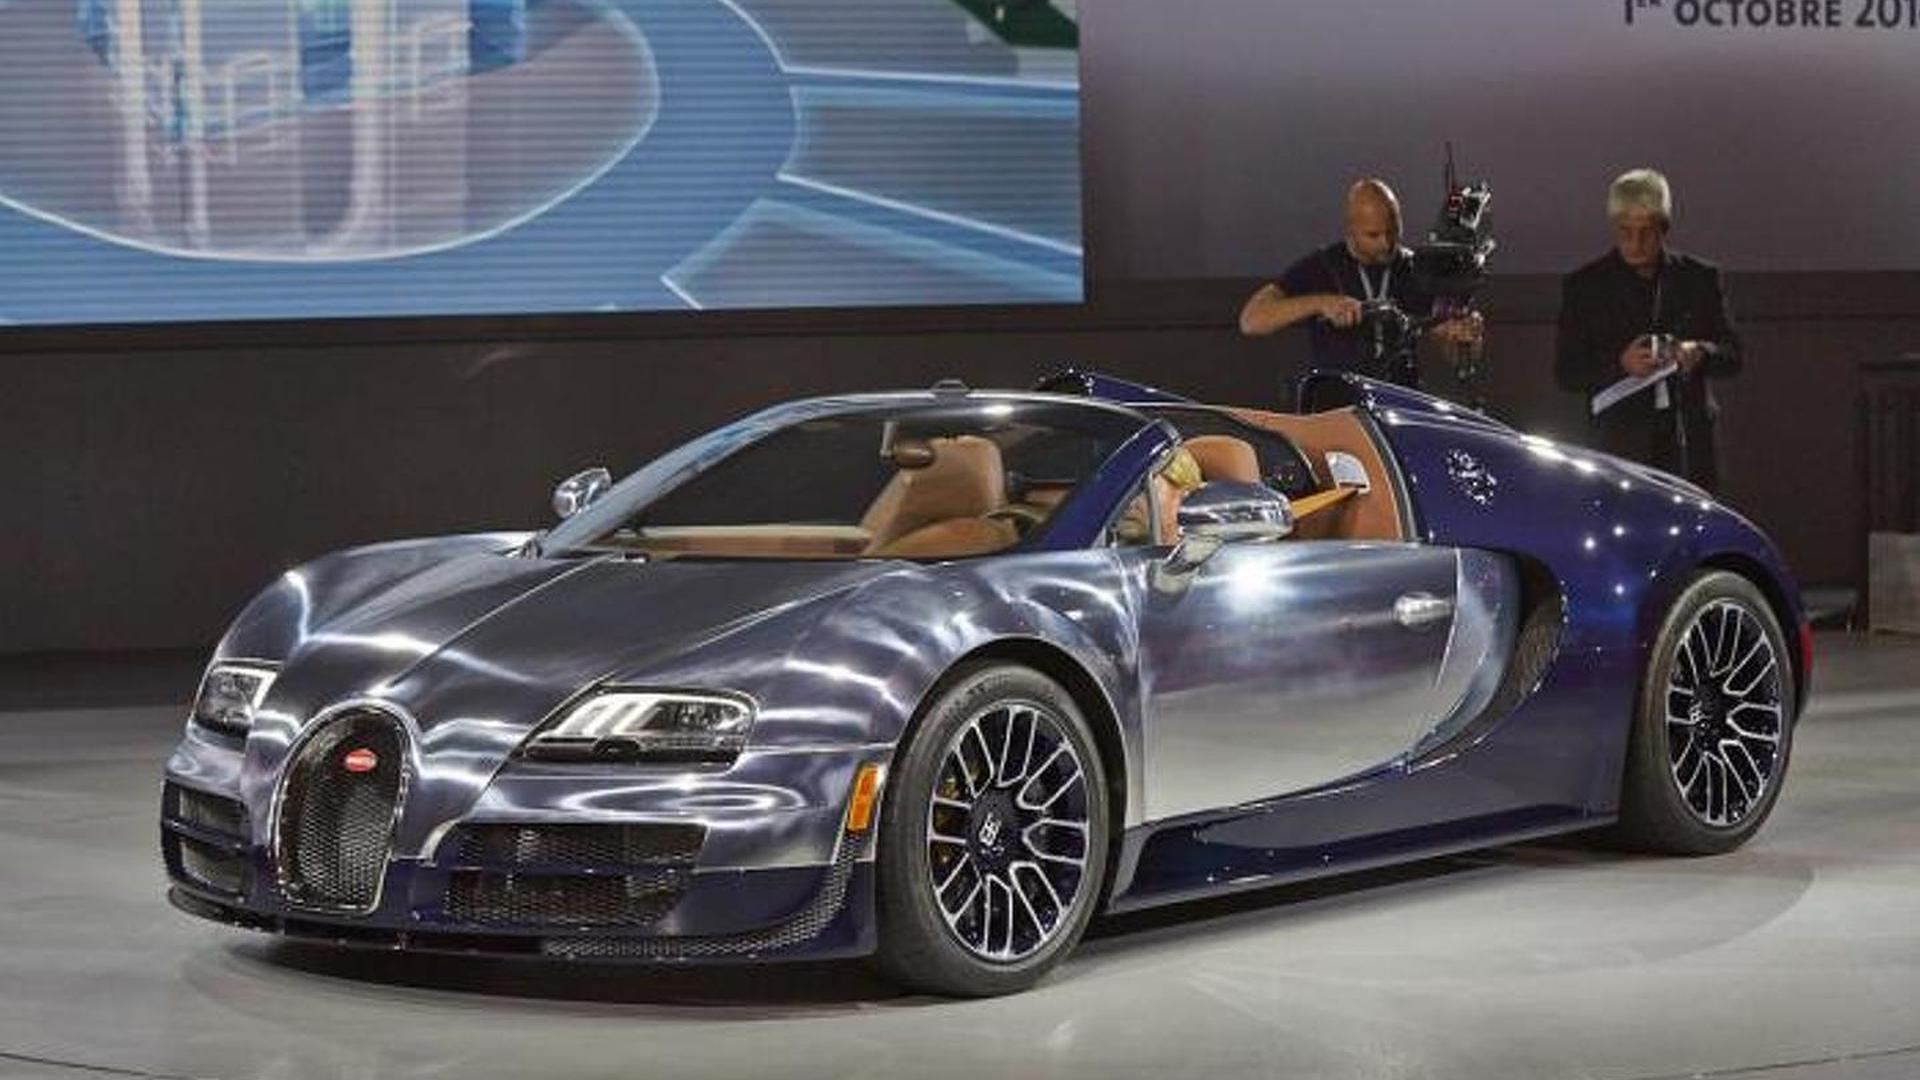 Bugatti Veyron Grand Sport Vitesse Ettore Bugatti special edition arrives in Paris